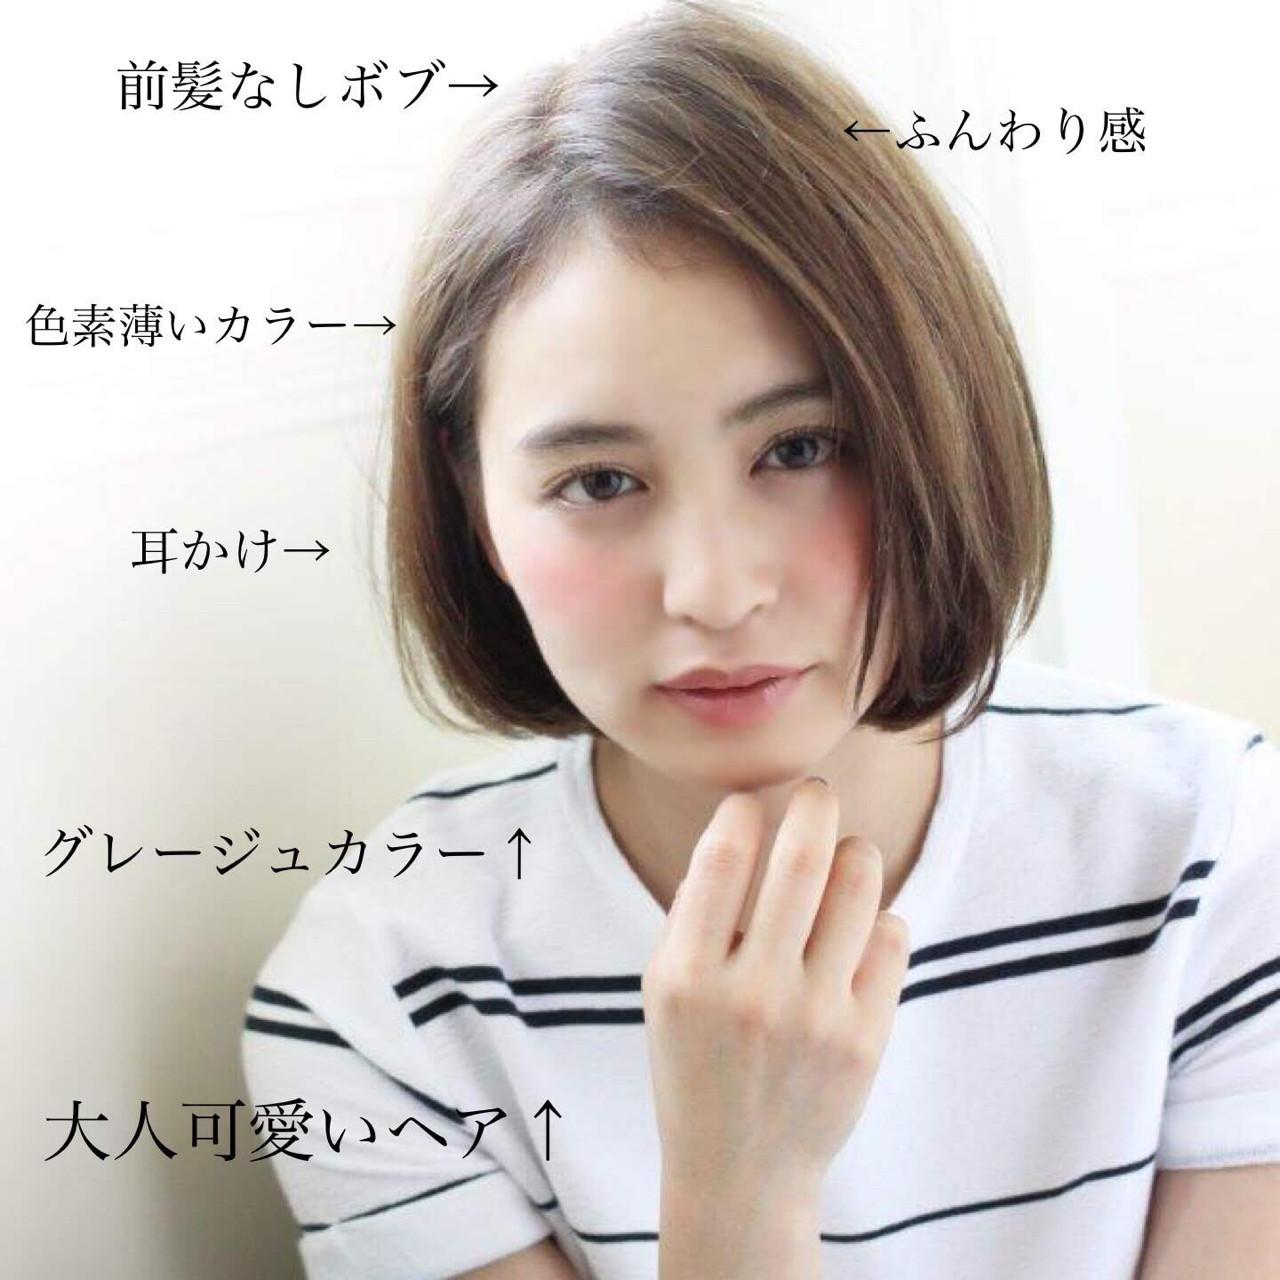 前髪なしにする面長さん似合わせヘア 増永 剛大/Un ami